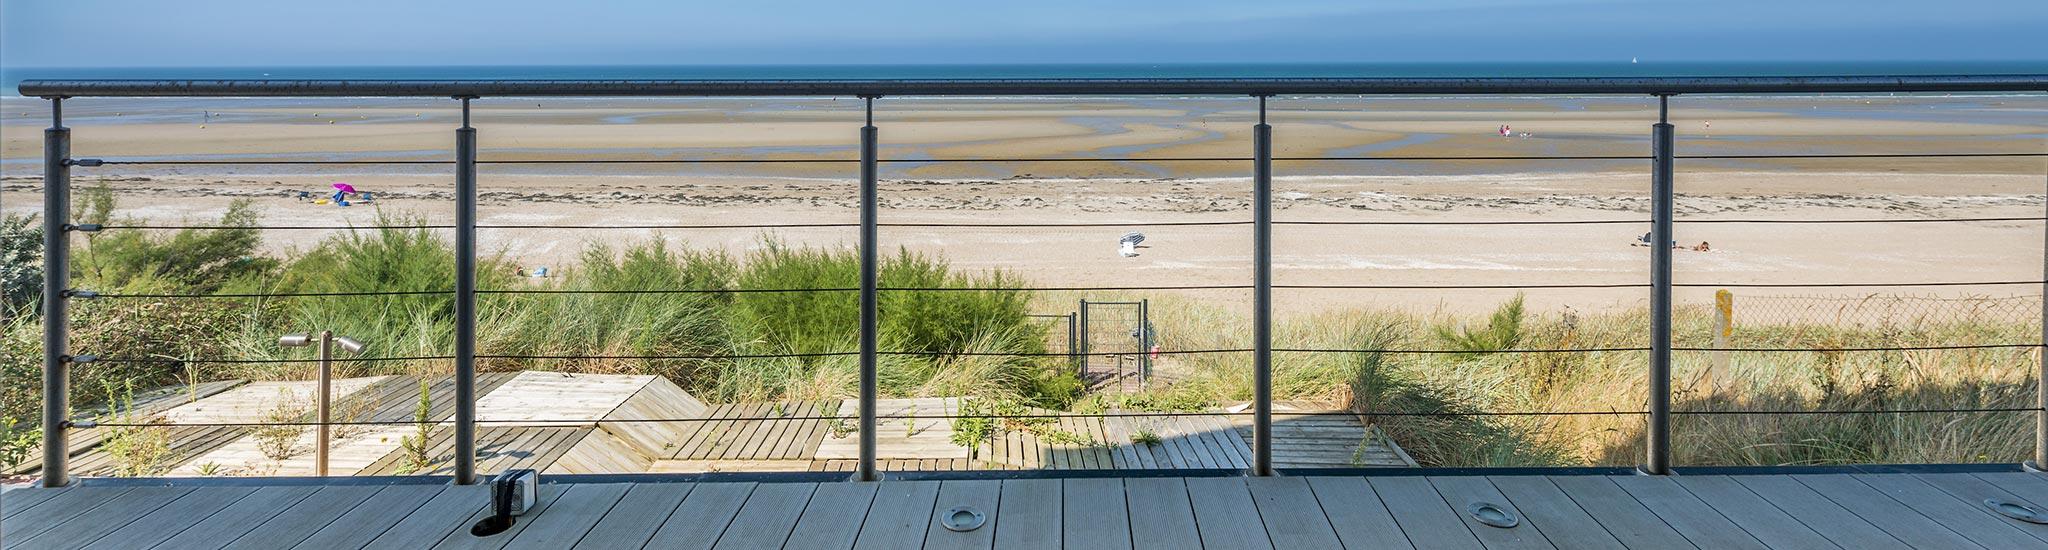 CABOURG - 14390 PROCHE CABOURG -  Le Home Varaville, front  de mer, acc�s priv� � la p...